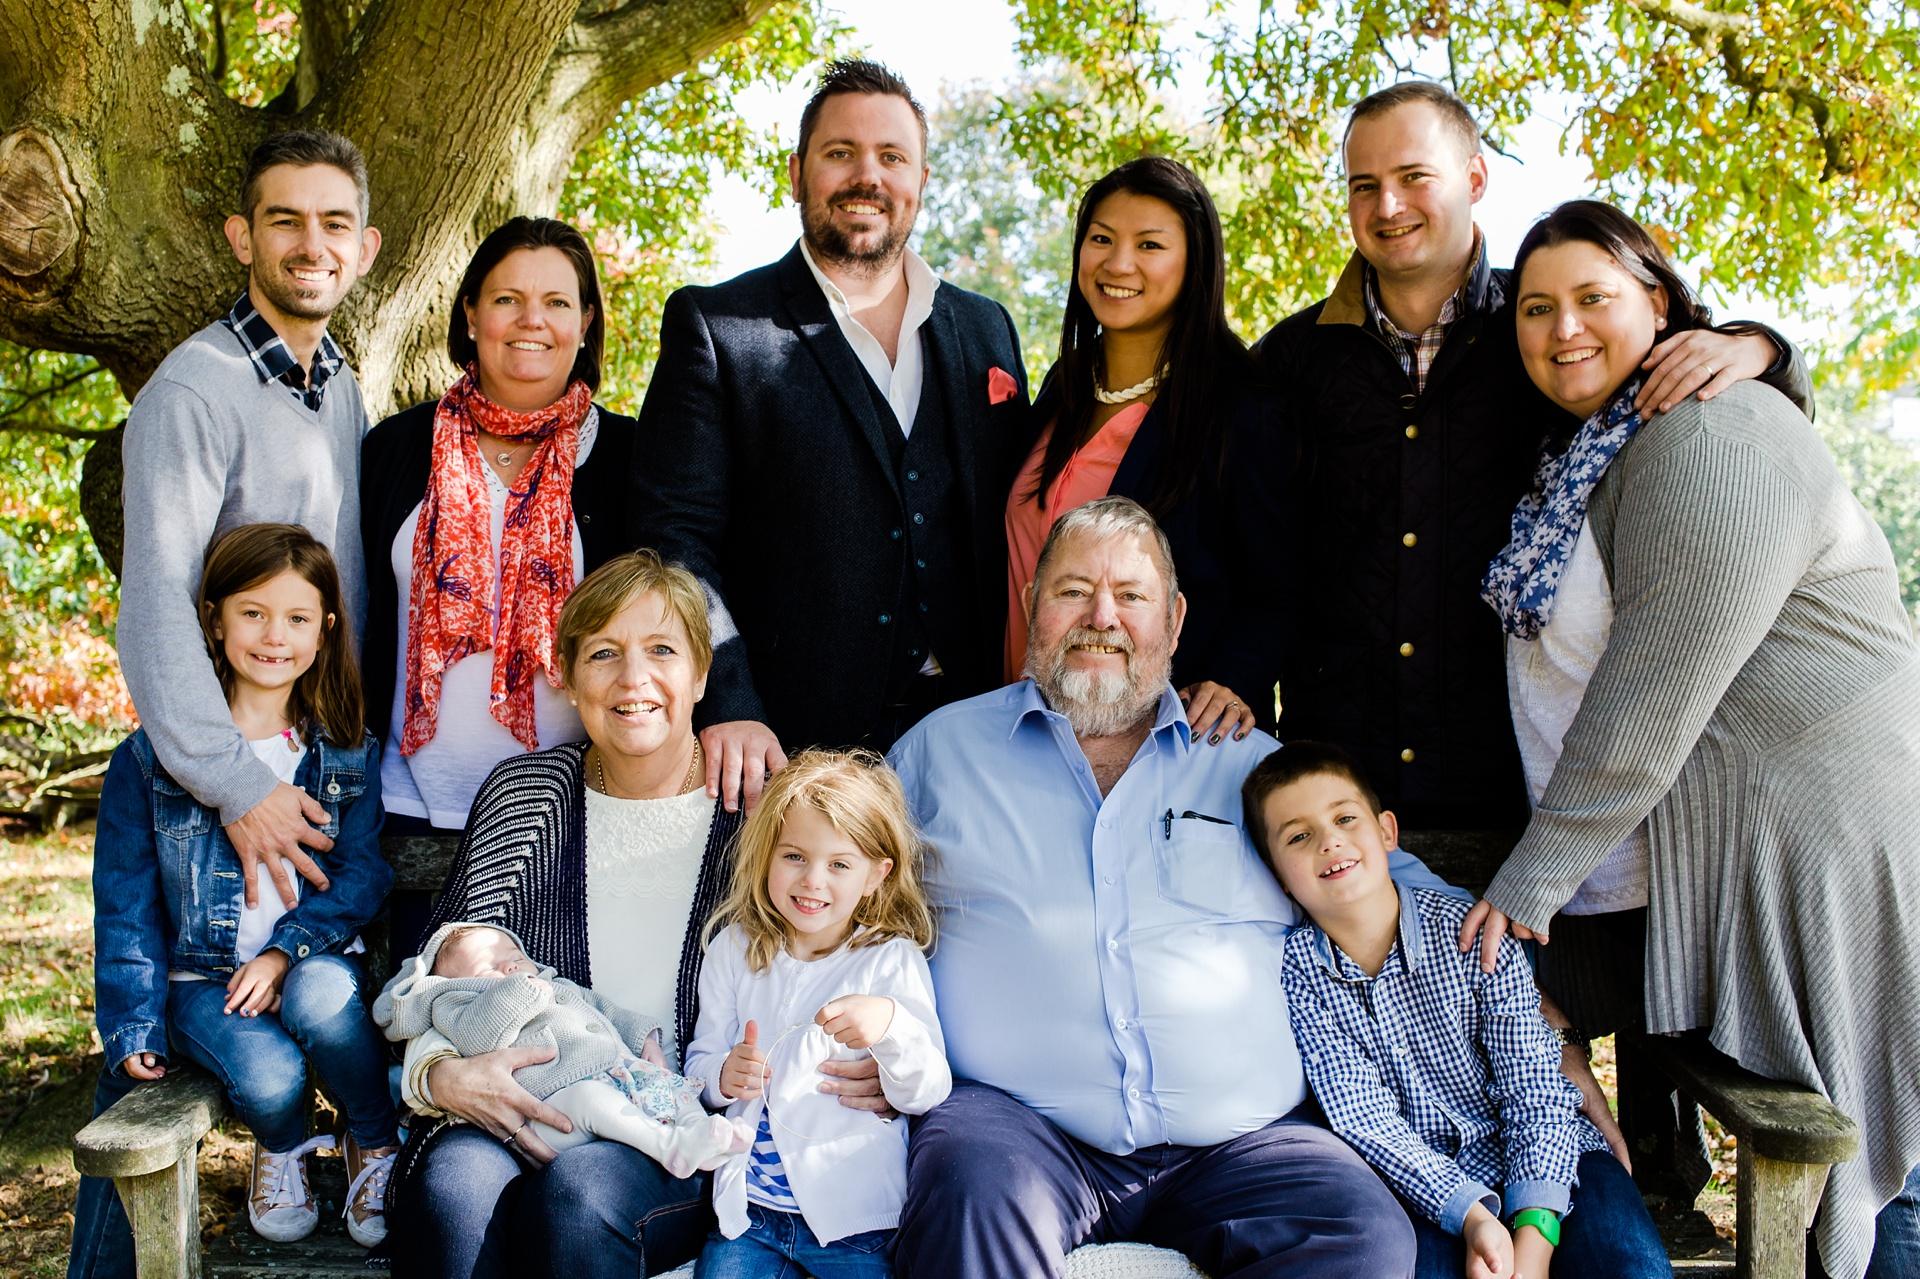 Large family group photo shoot